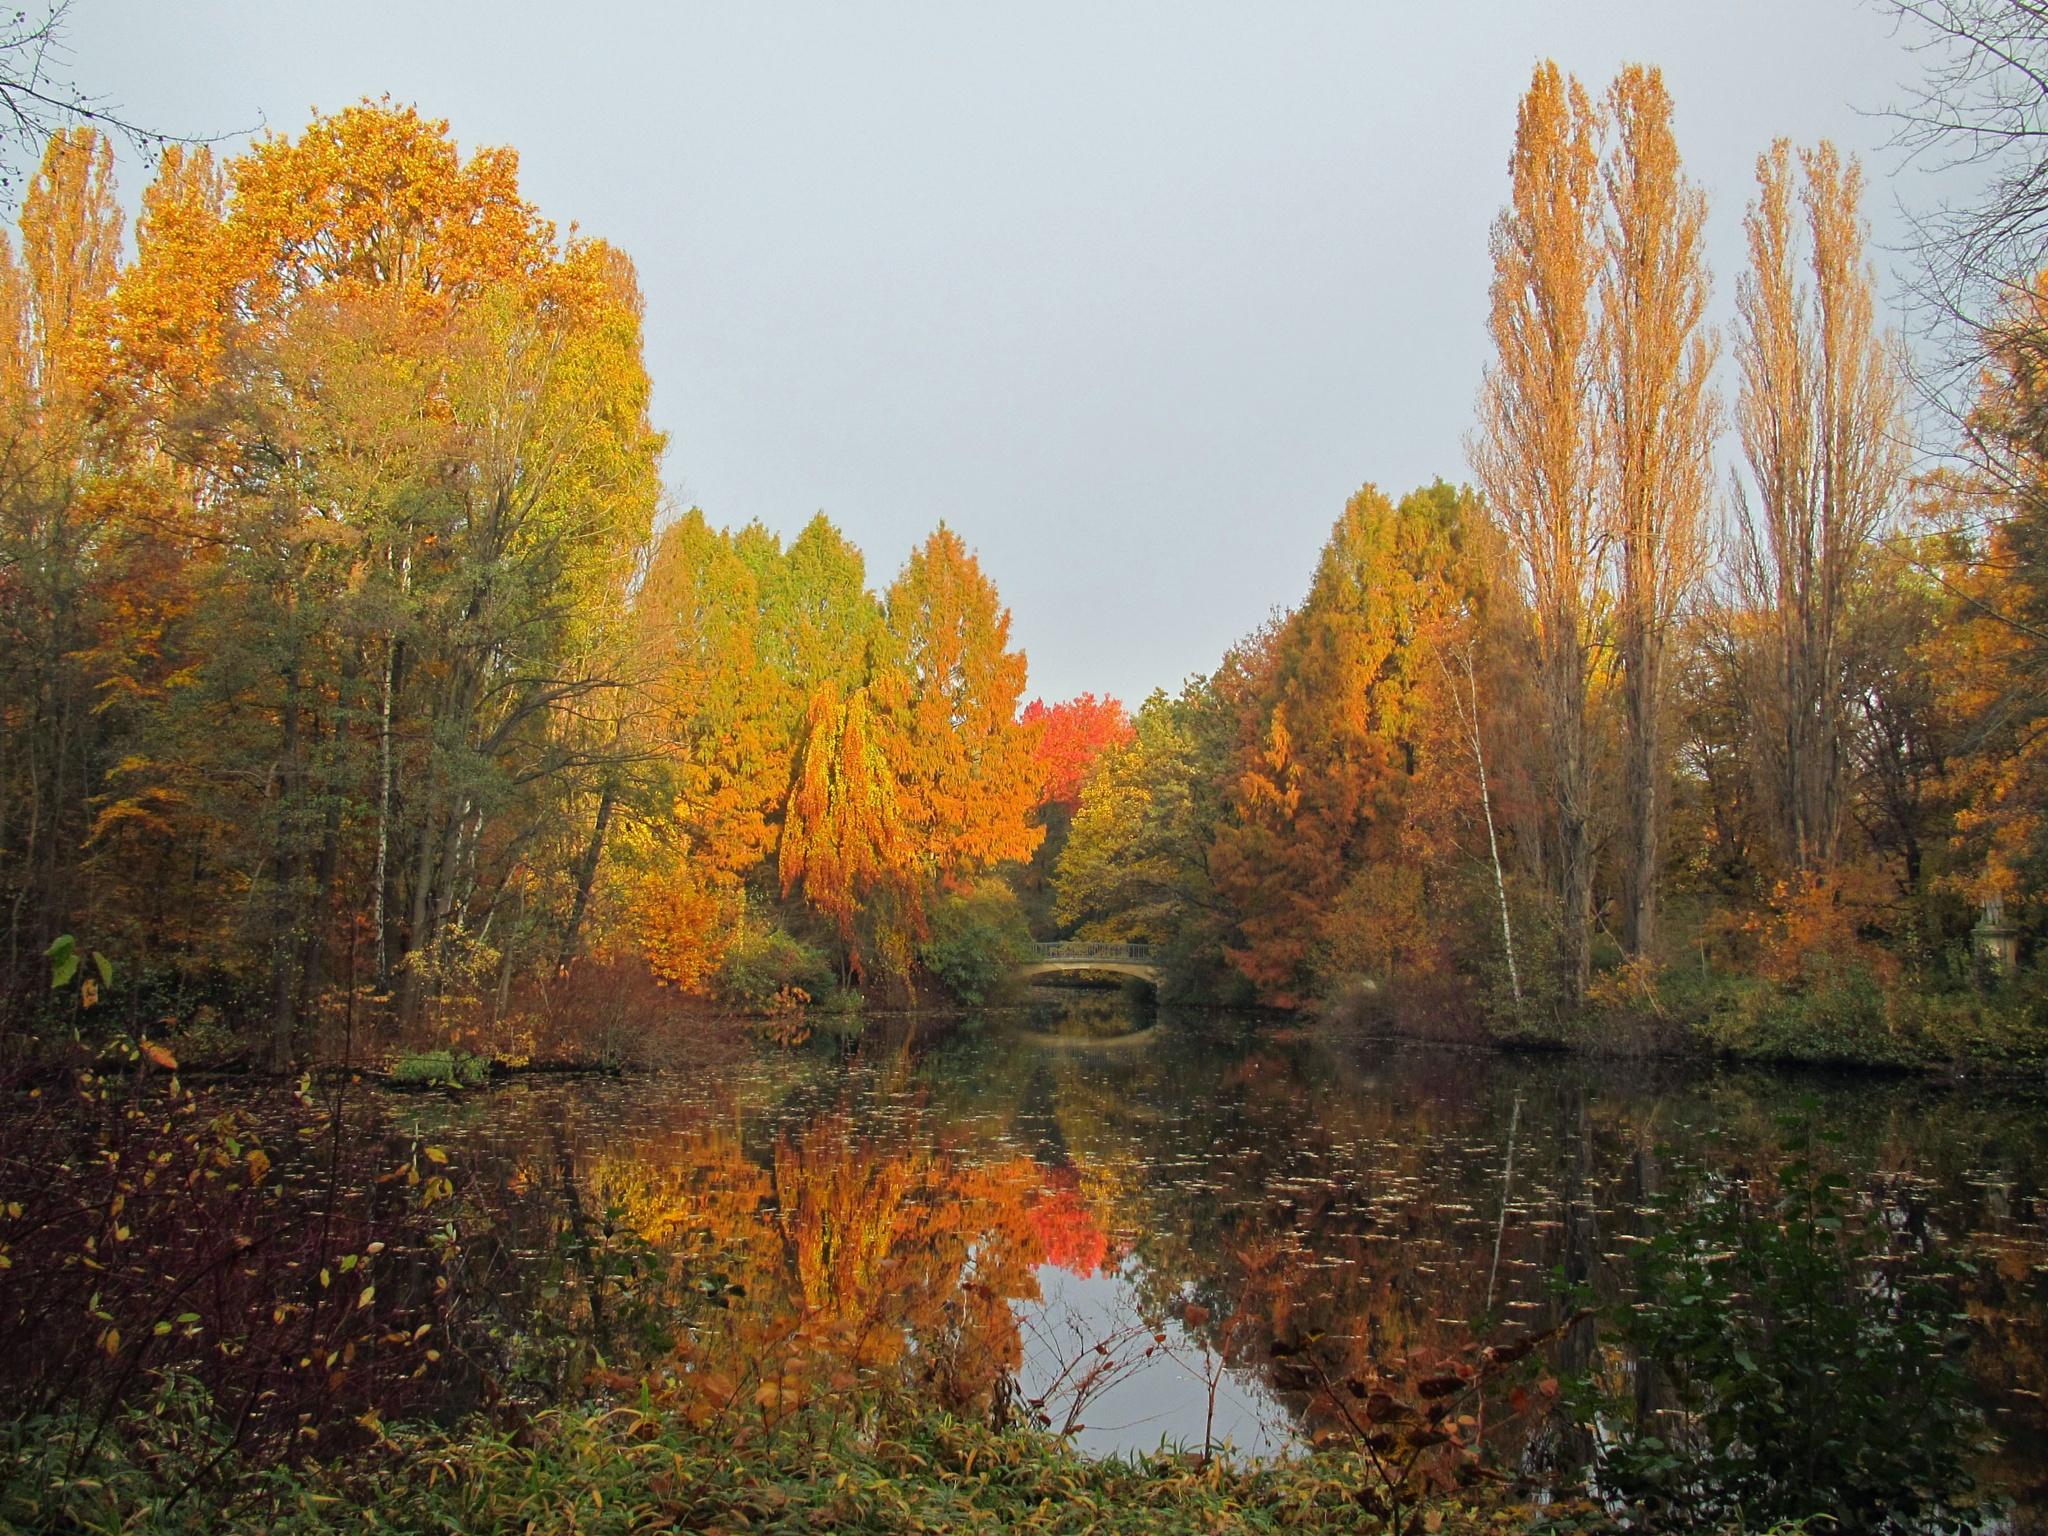 autumn in Berlin by Elli